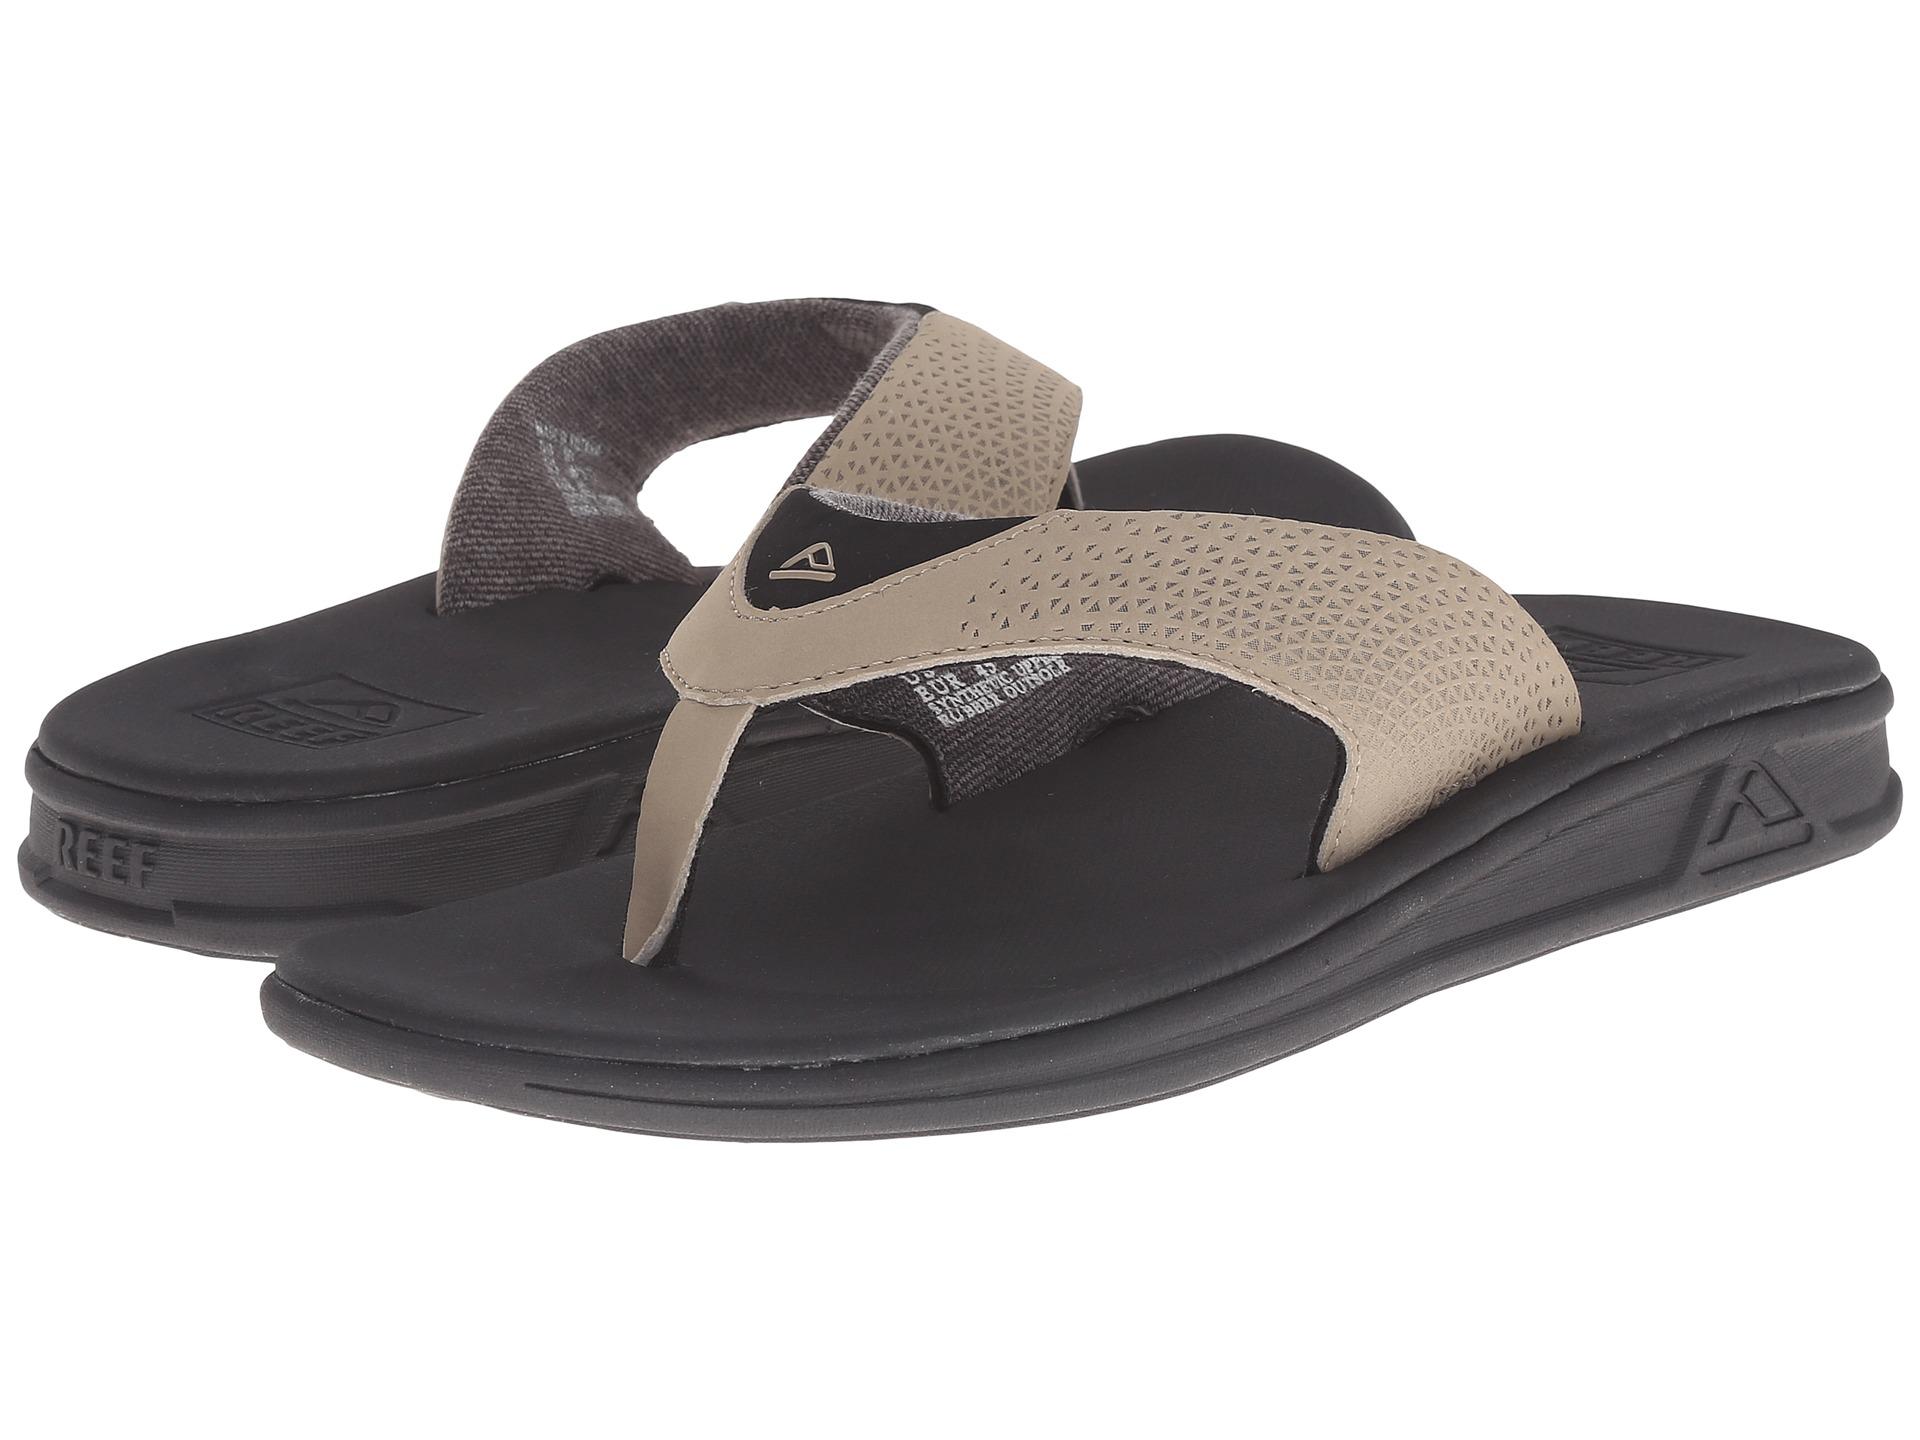 Black reef sandals - Gallery